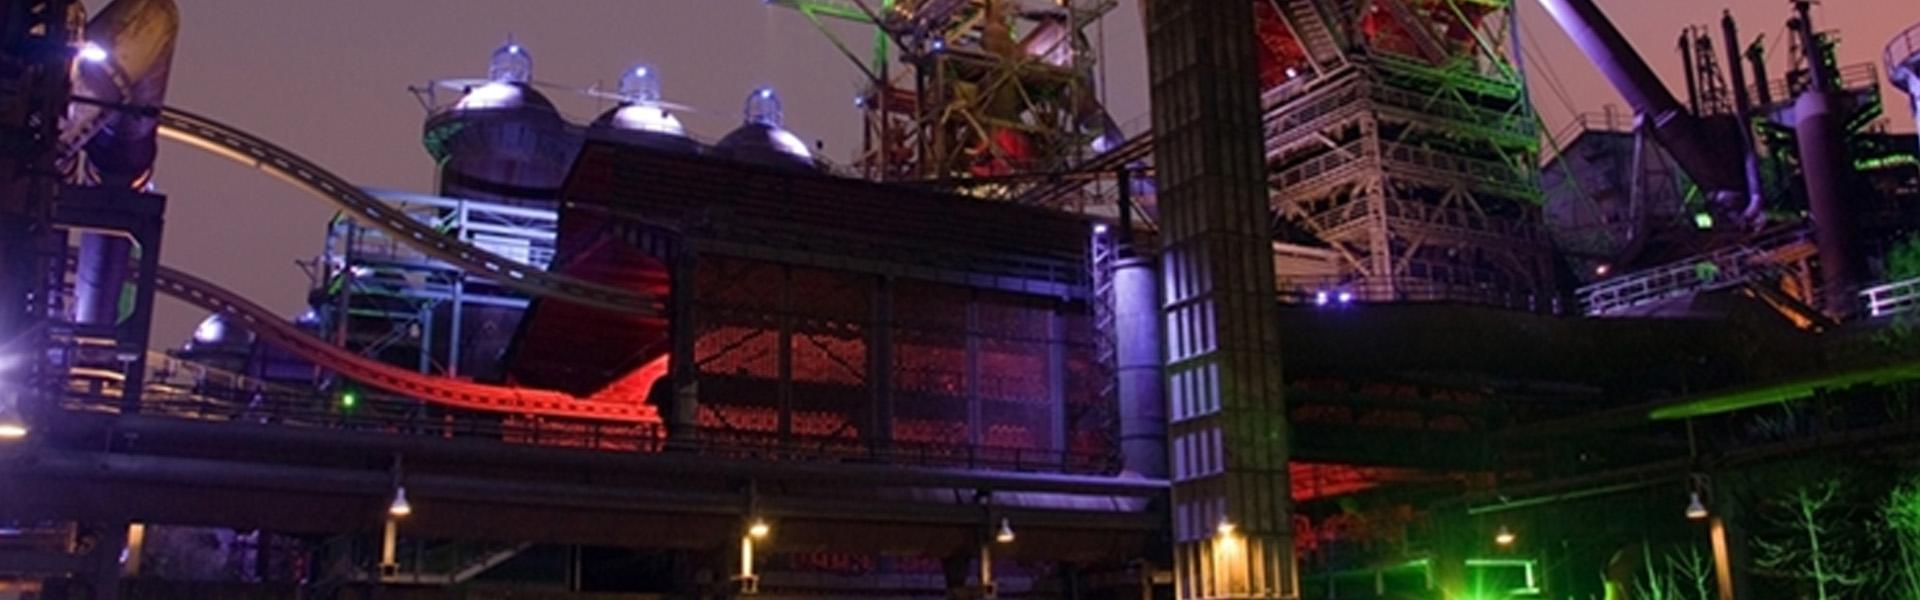 Hocheffiziente LED Beleuchtung für die Industrie